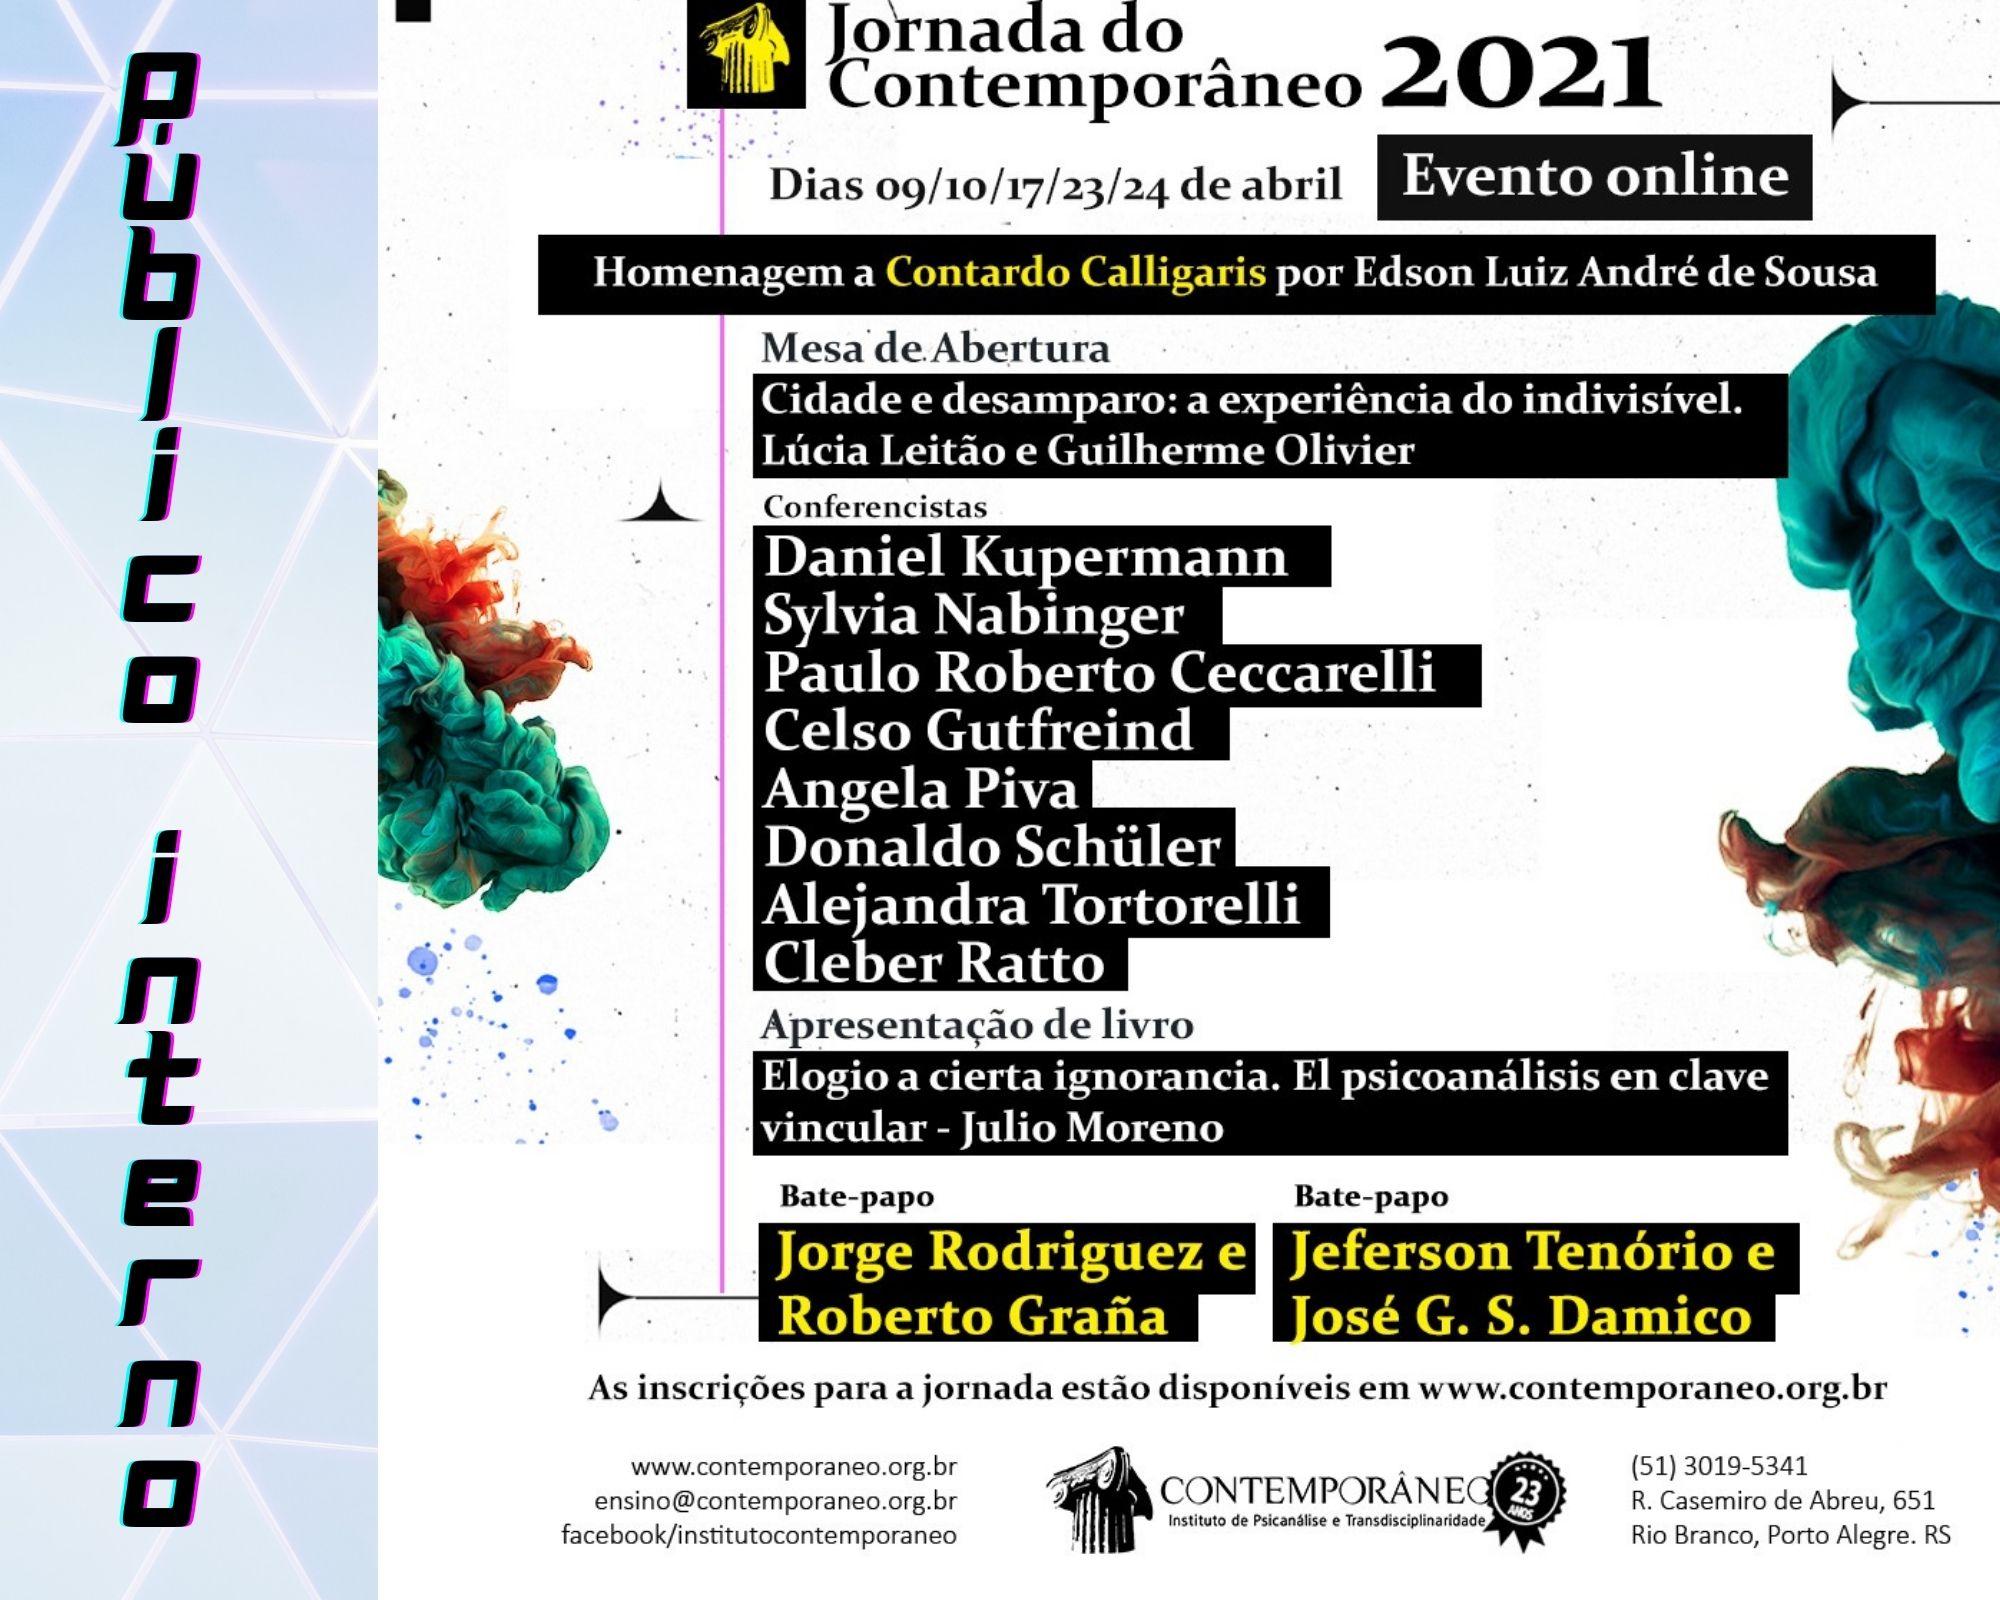 Curso para Jornada 2021 - Membros do Contemporâneo